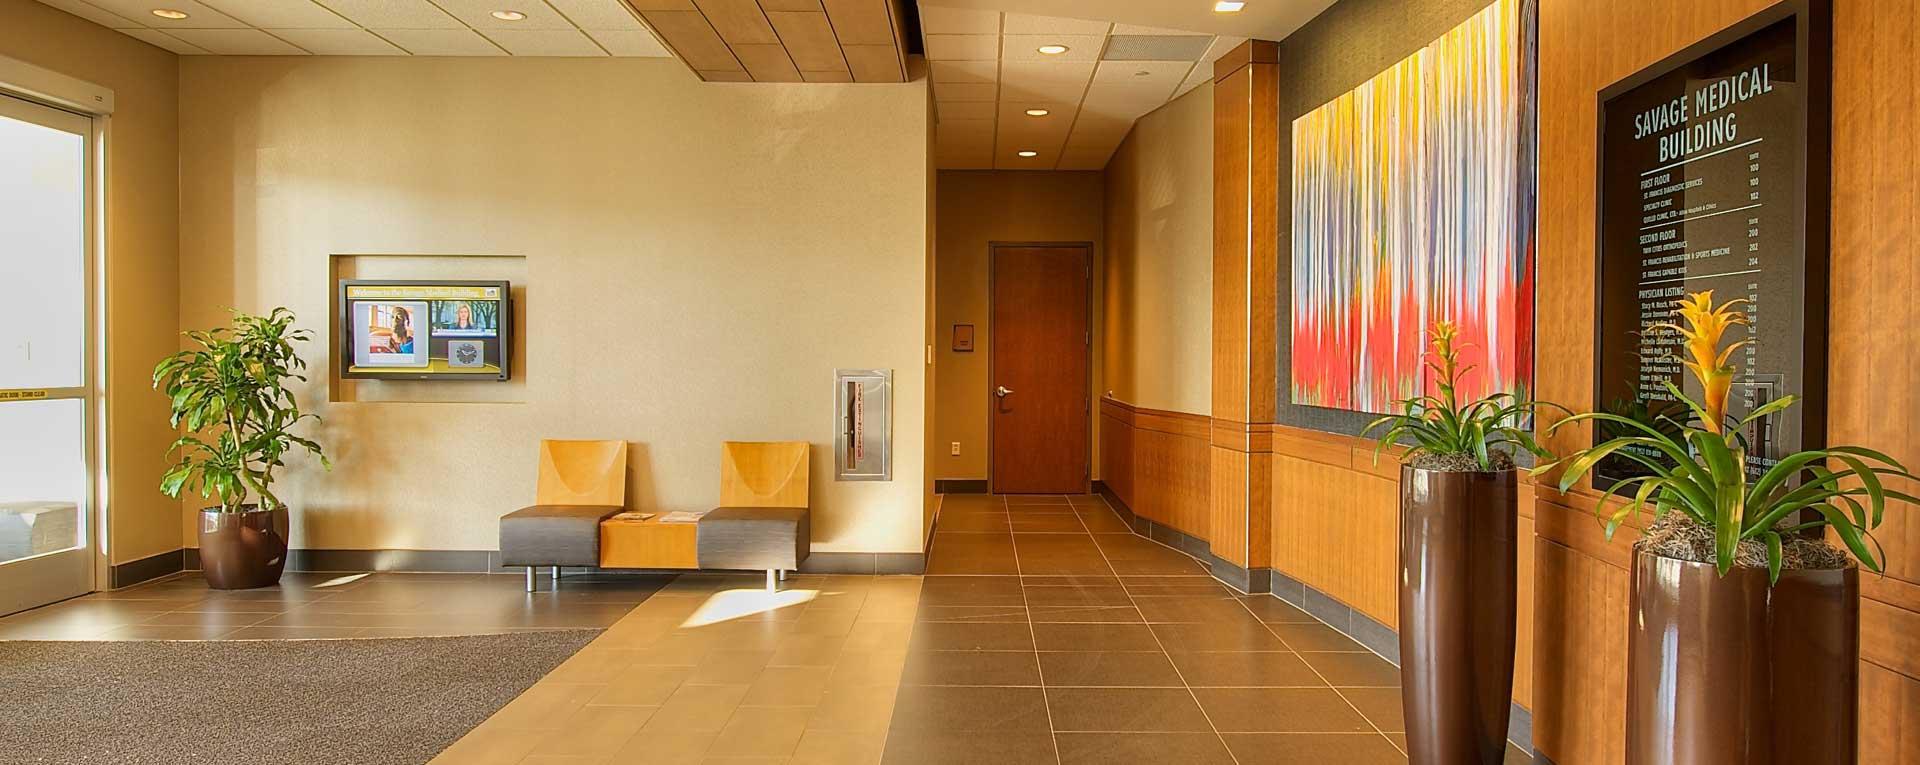 Savage Medical Building Lobby - Savage, MN